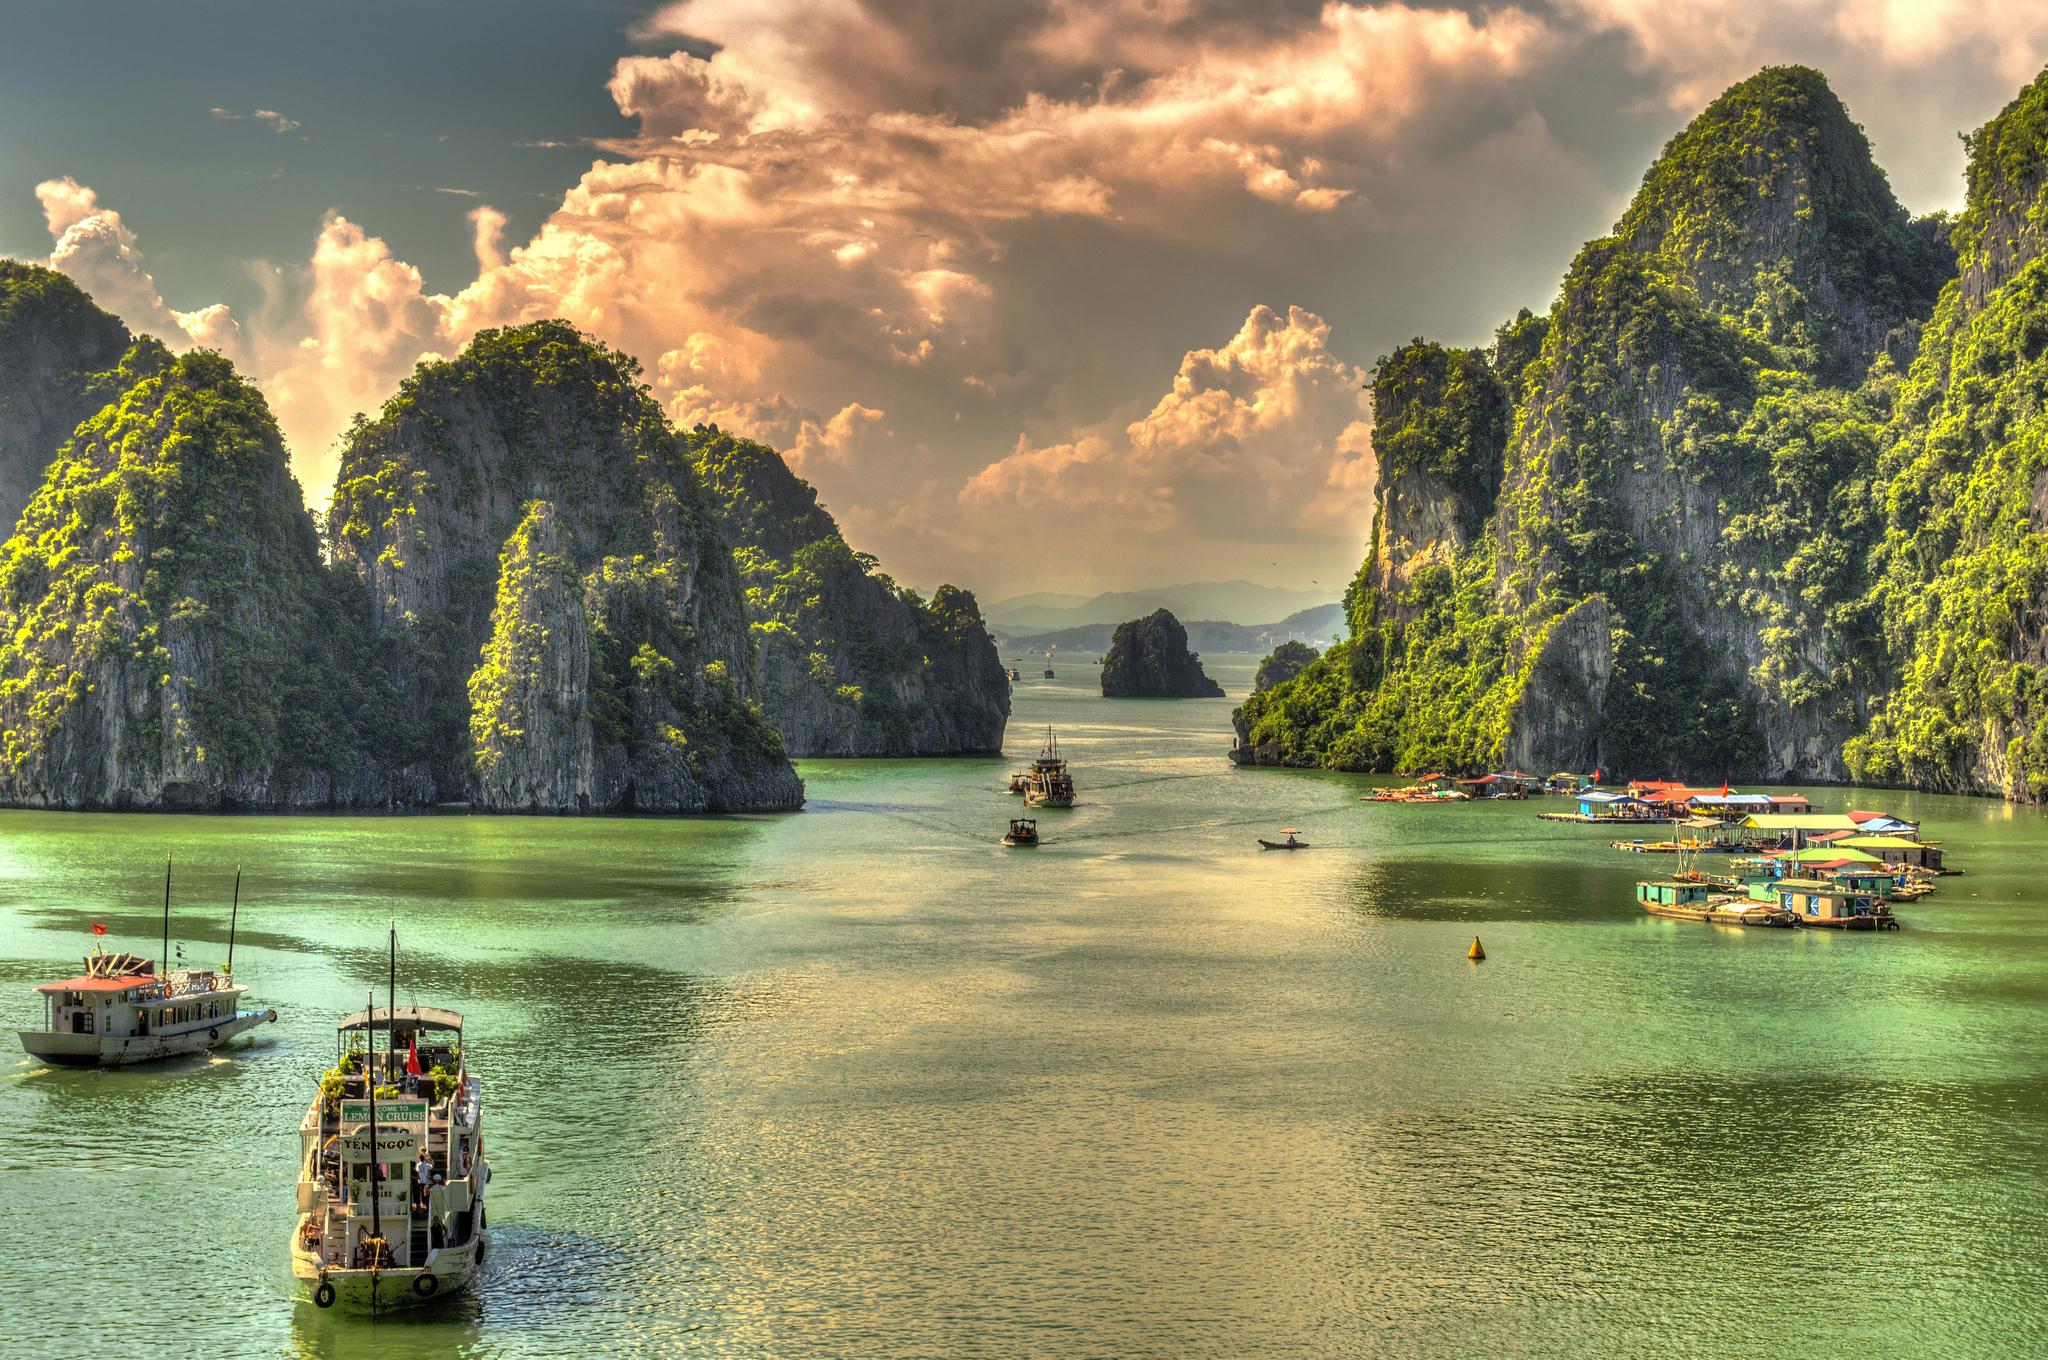 Картинки из вьетнама, задумчивость